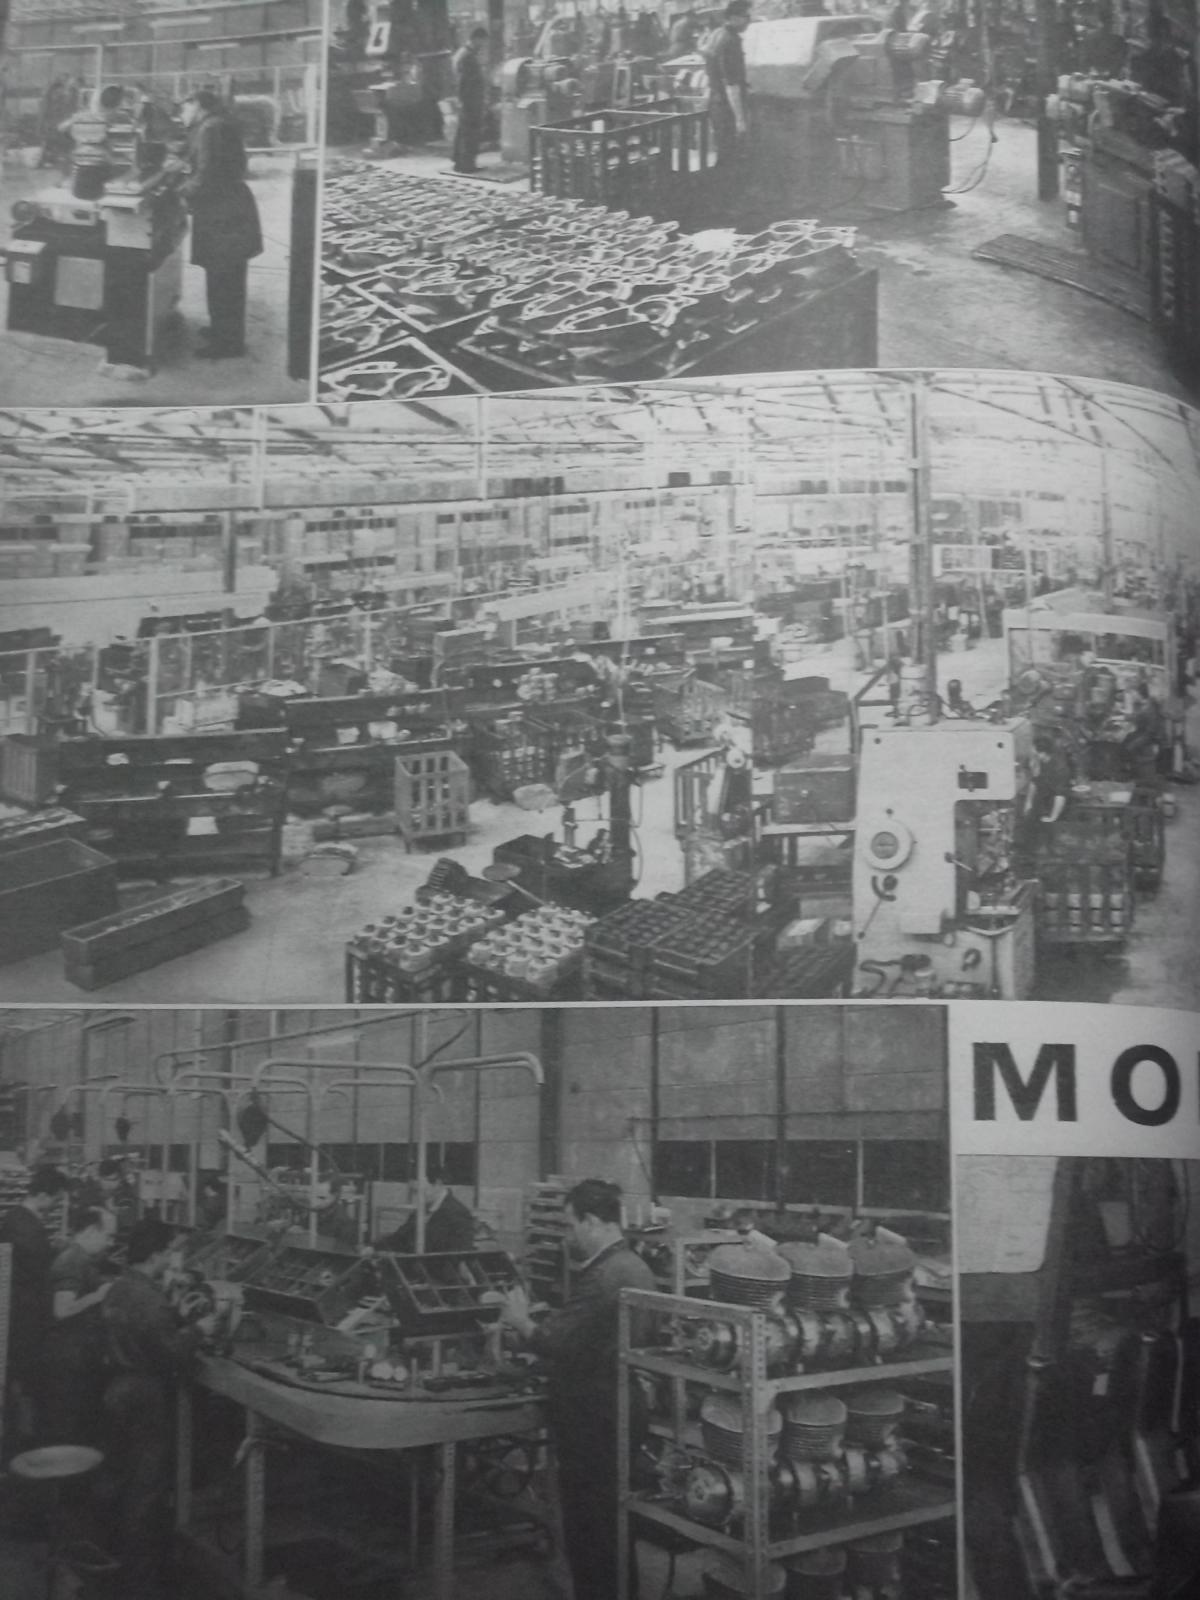 montesa - Las cuatro fábricas de Montesa - Página 2 29g02om